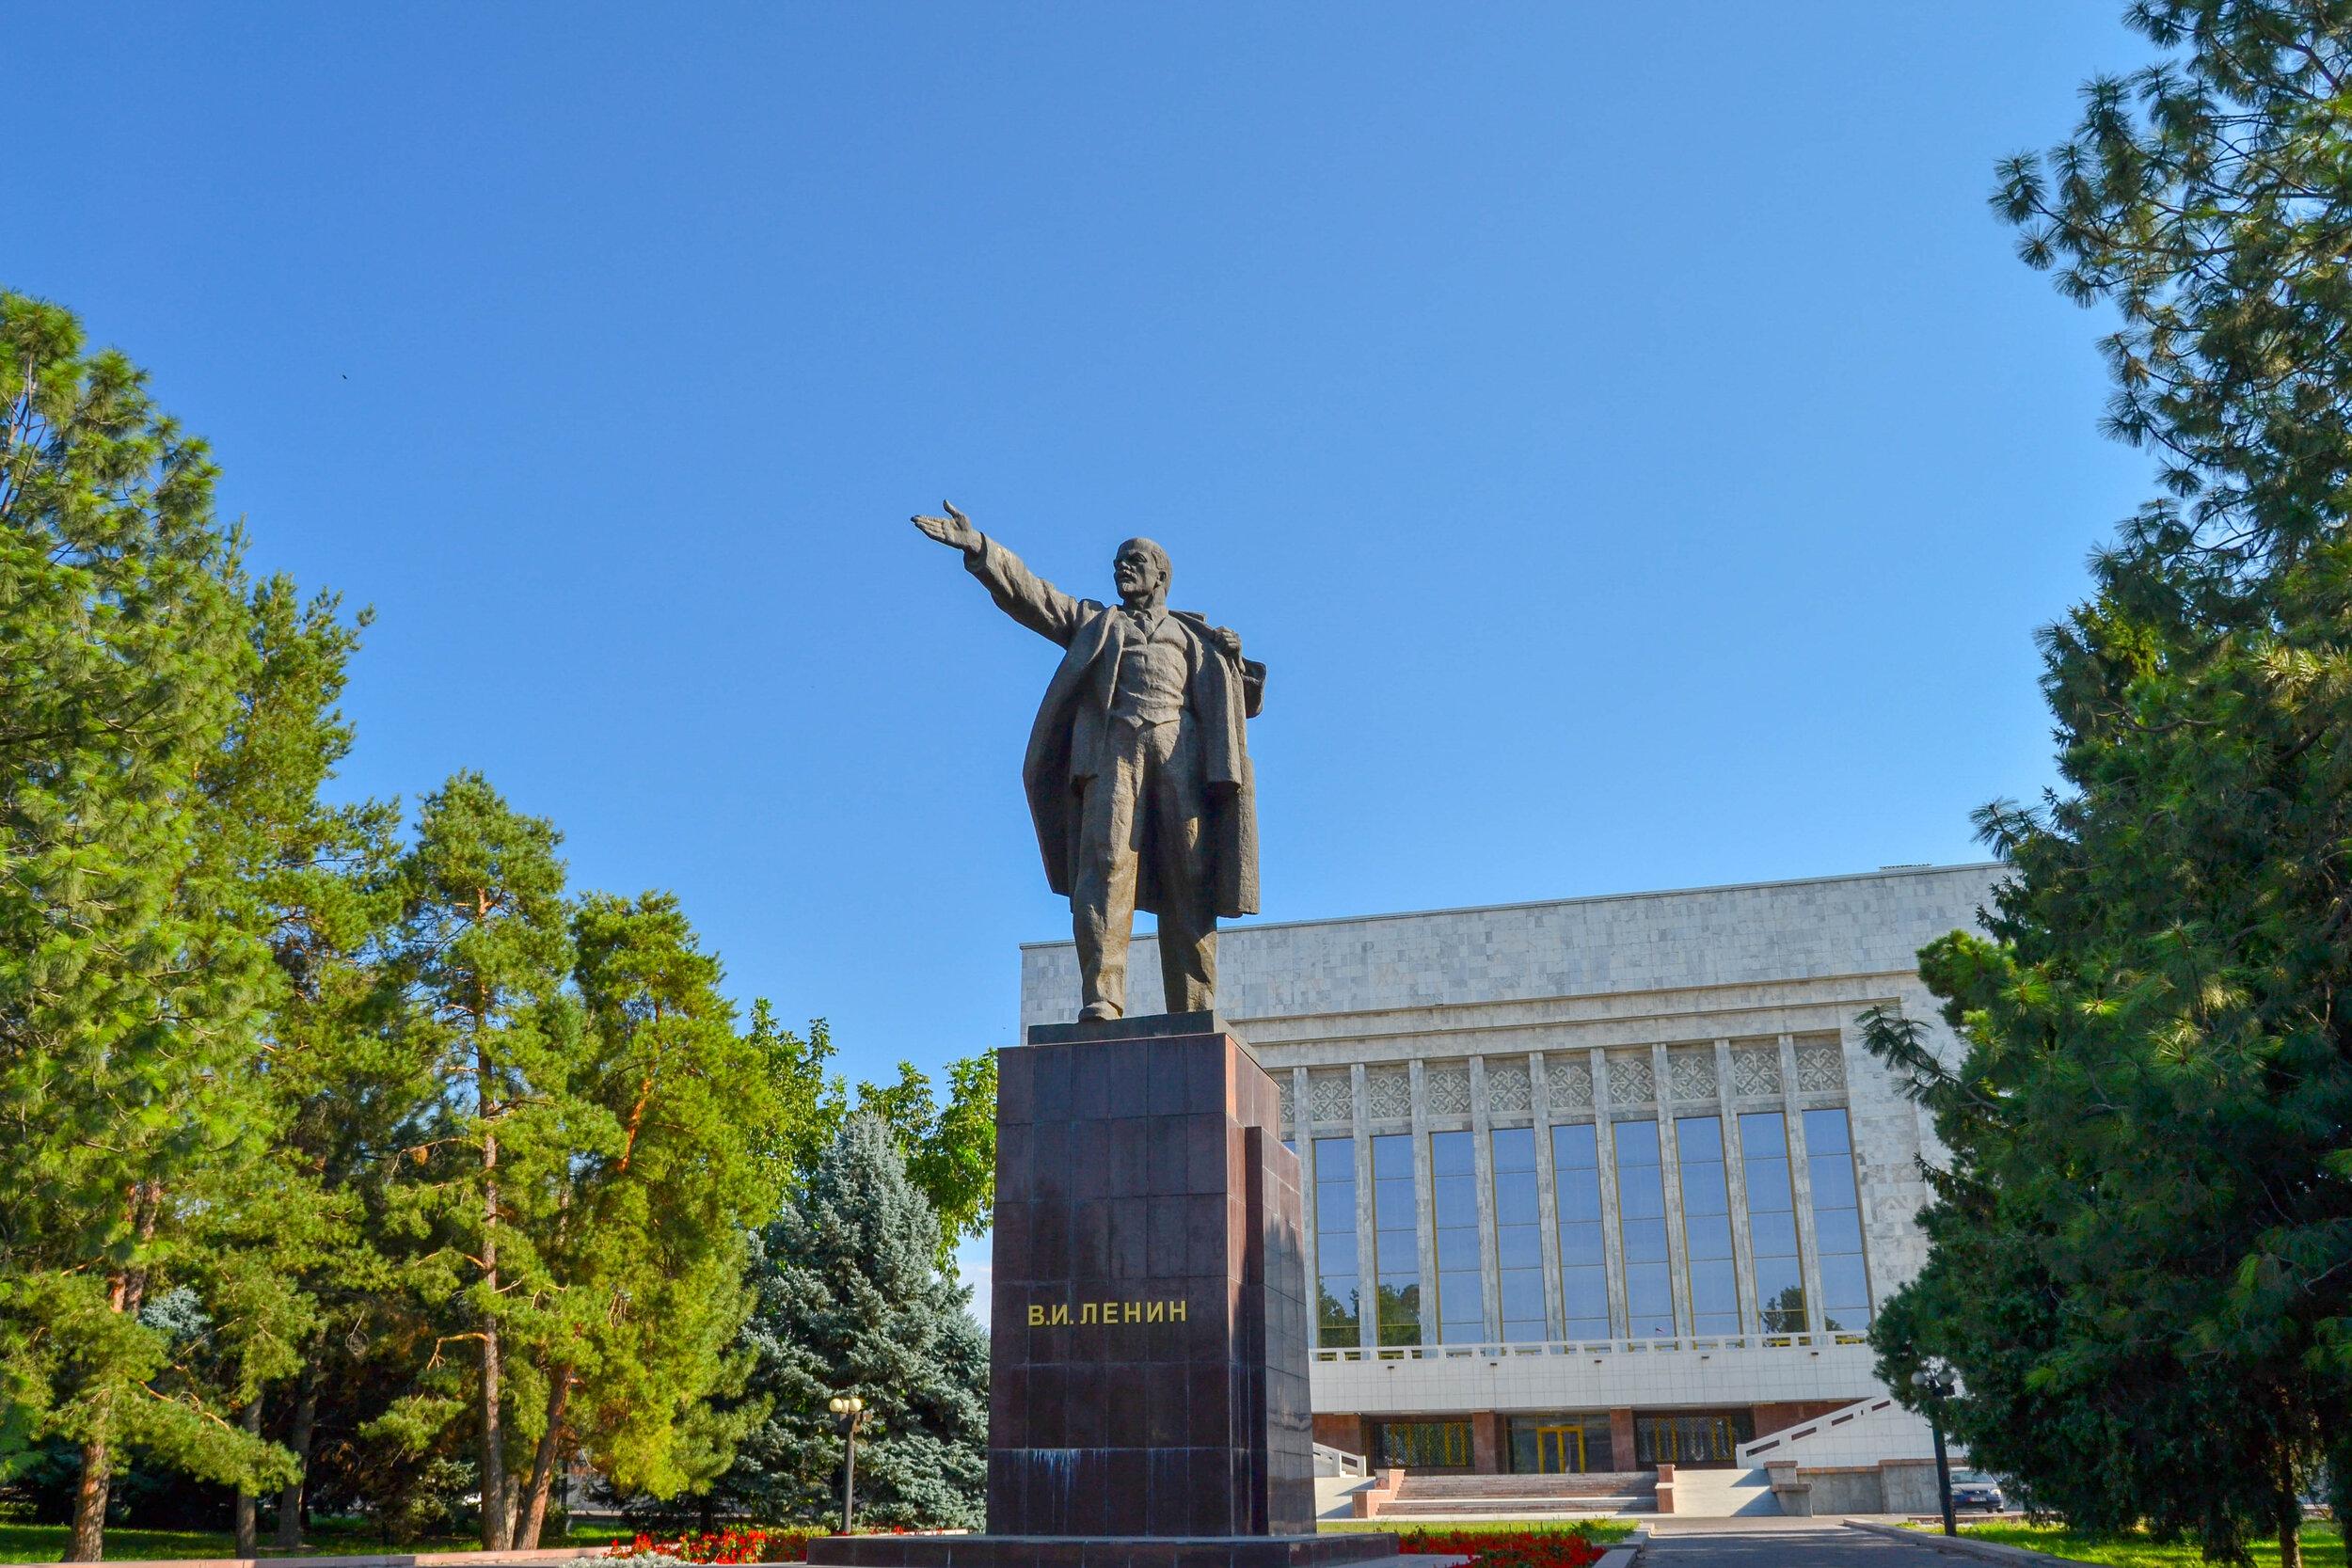 Vladimir Lenin in Bishkek